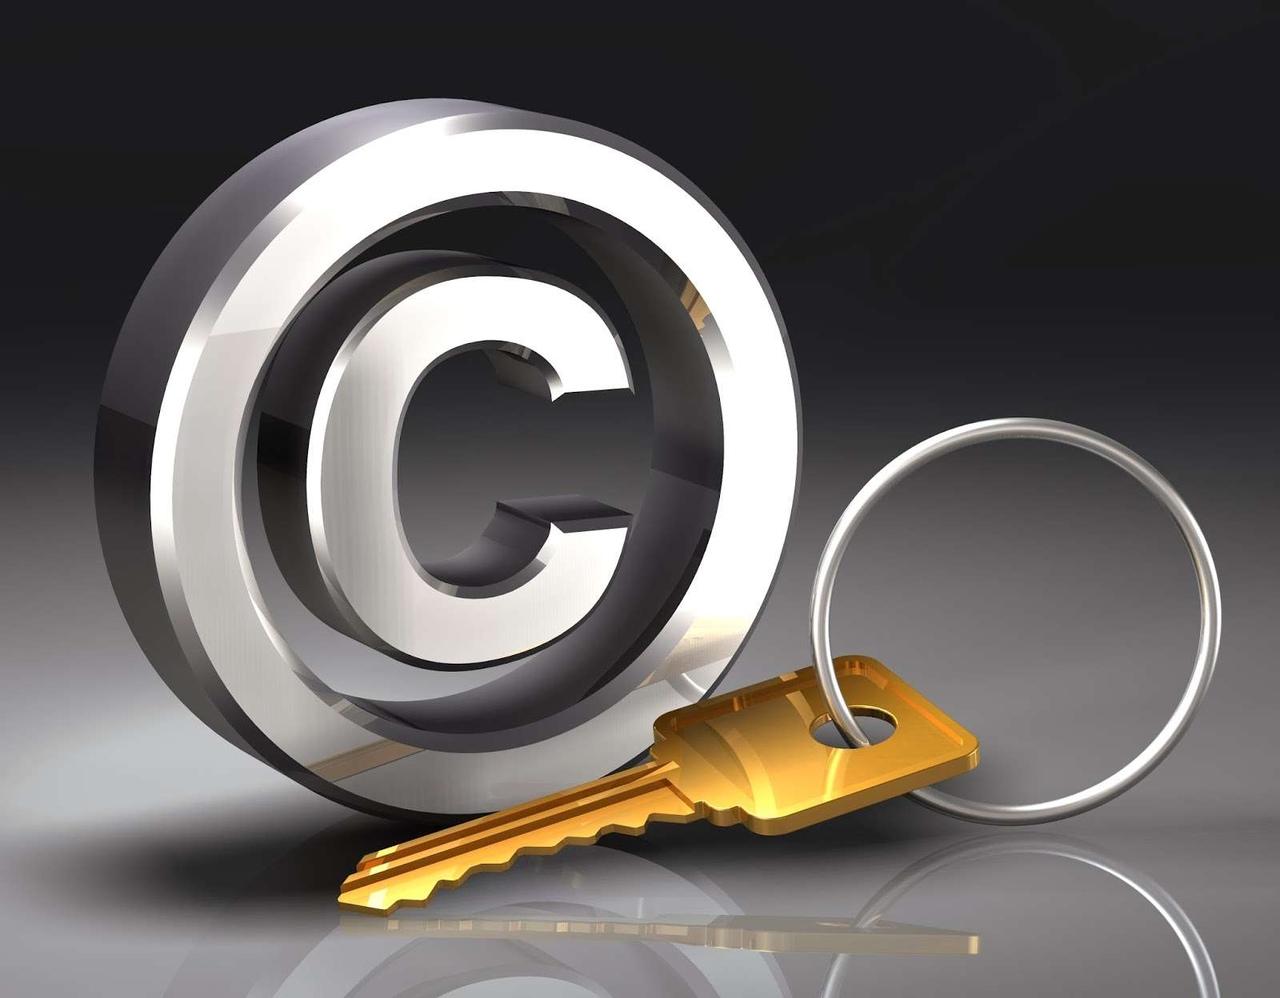 защита авторских прав на картинки при предыдущих наращиваниях